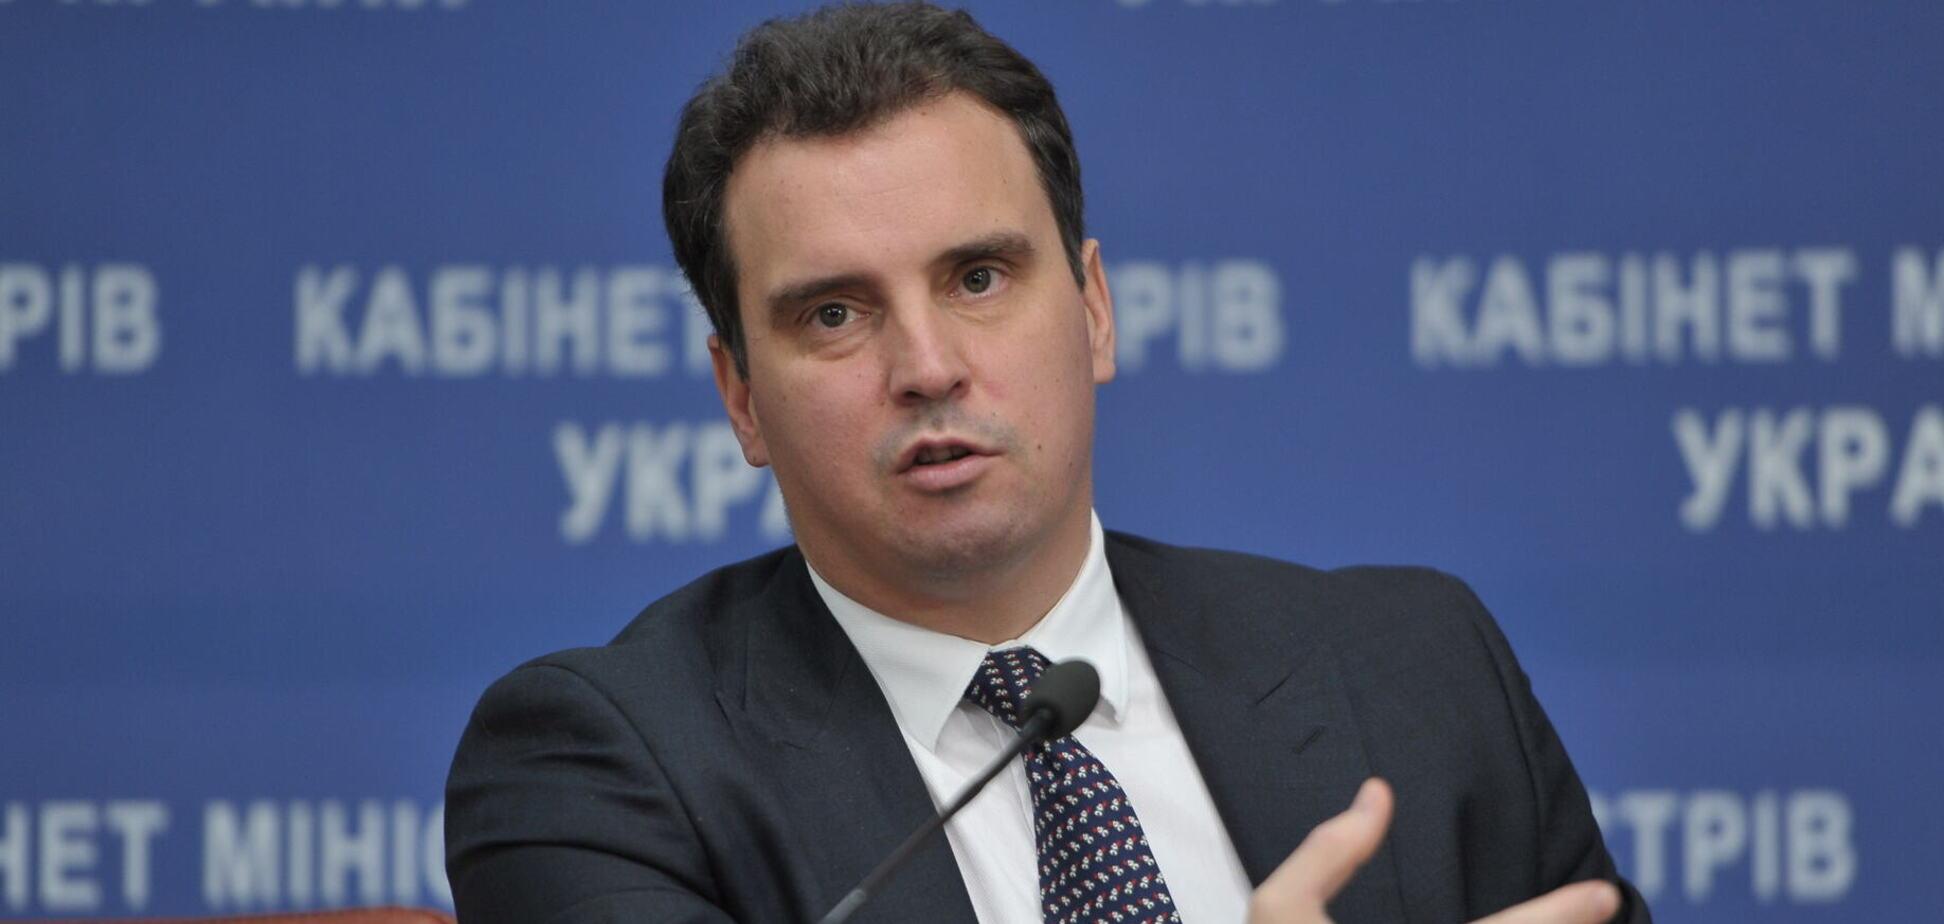 Абромавичус загнав у борги харківський 'Завод імені Малишева' (фото: ZNAJ.ua)